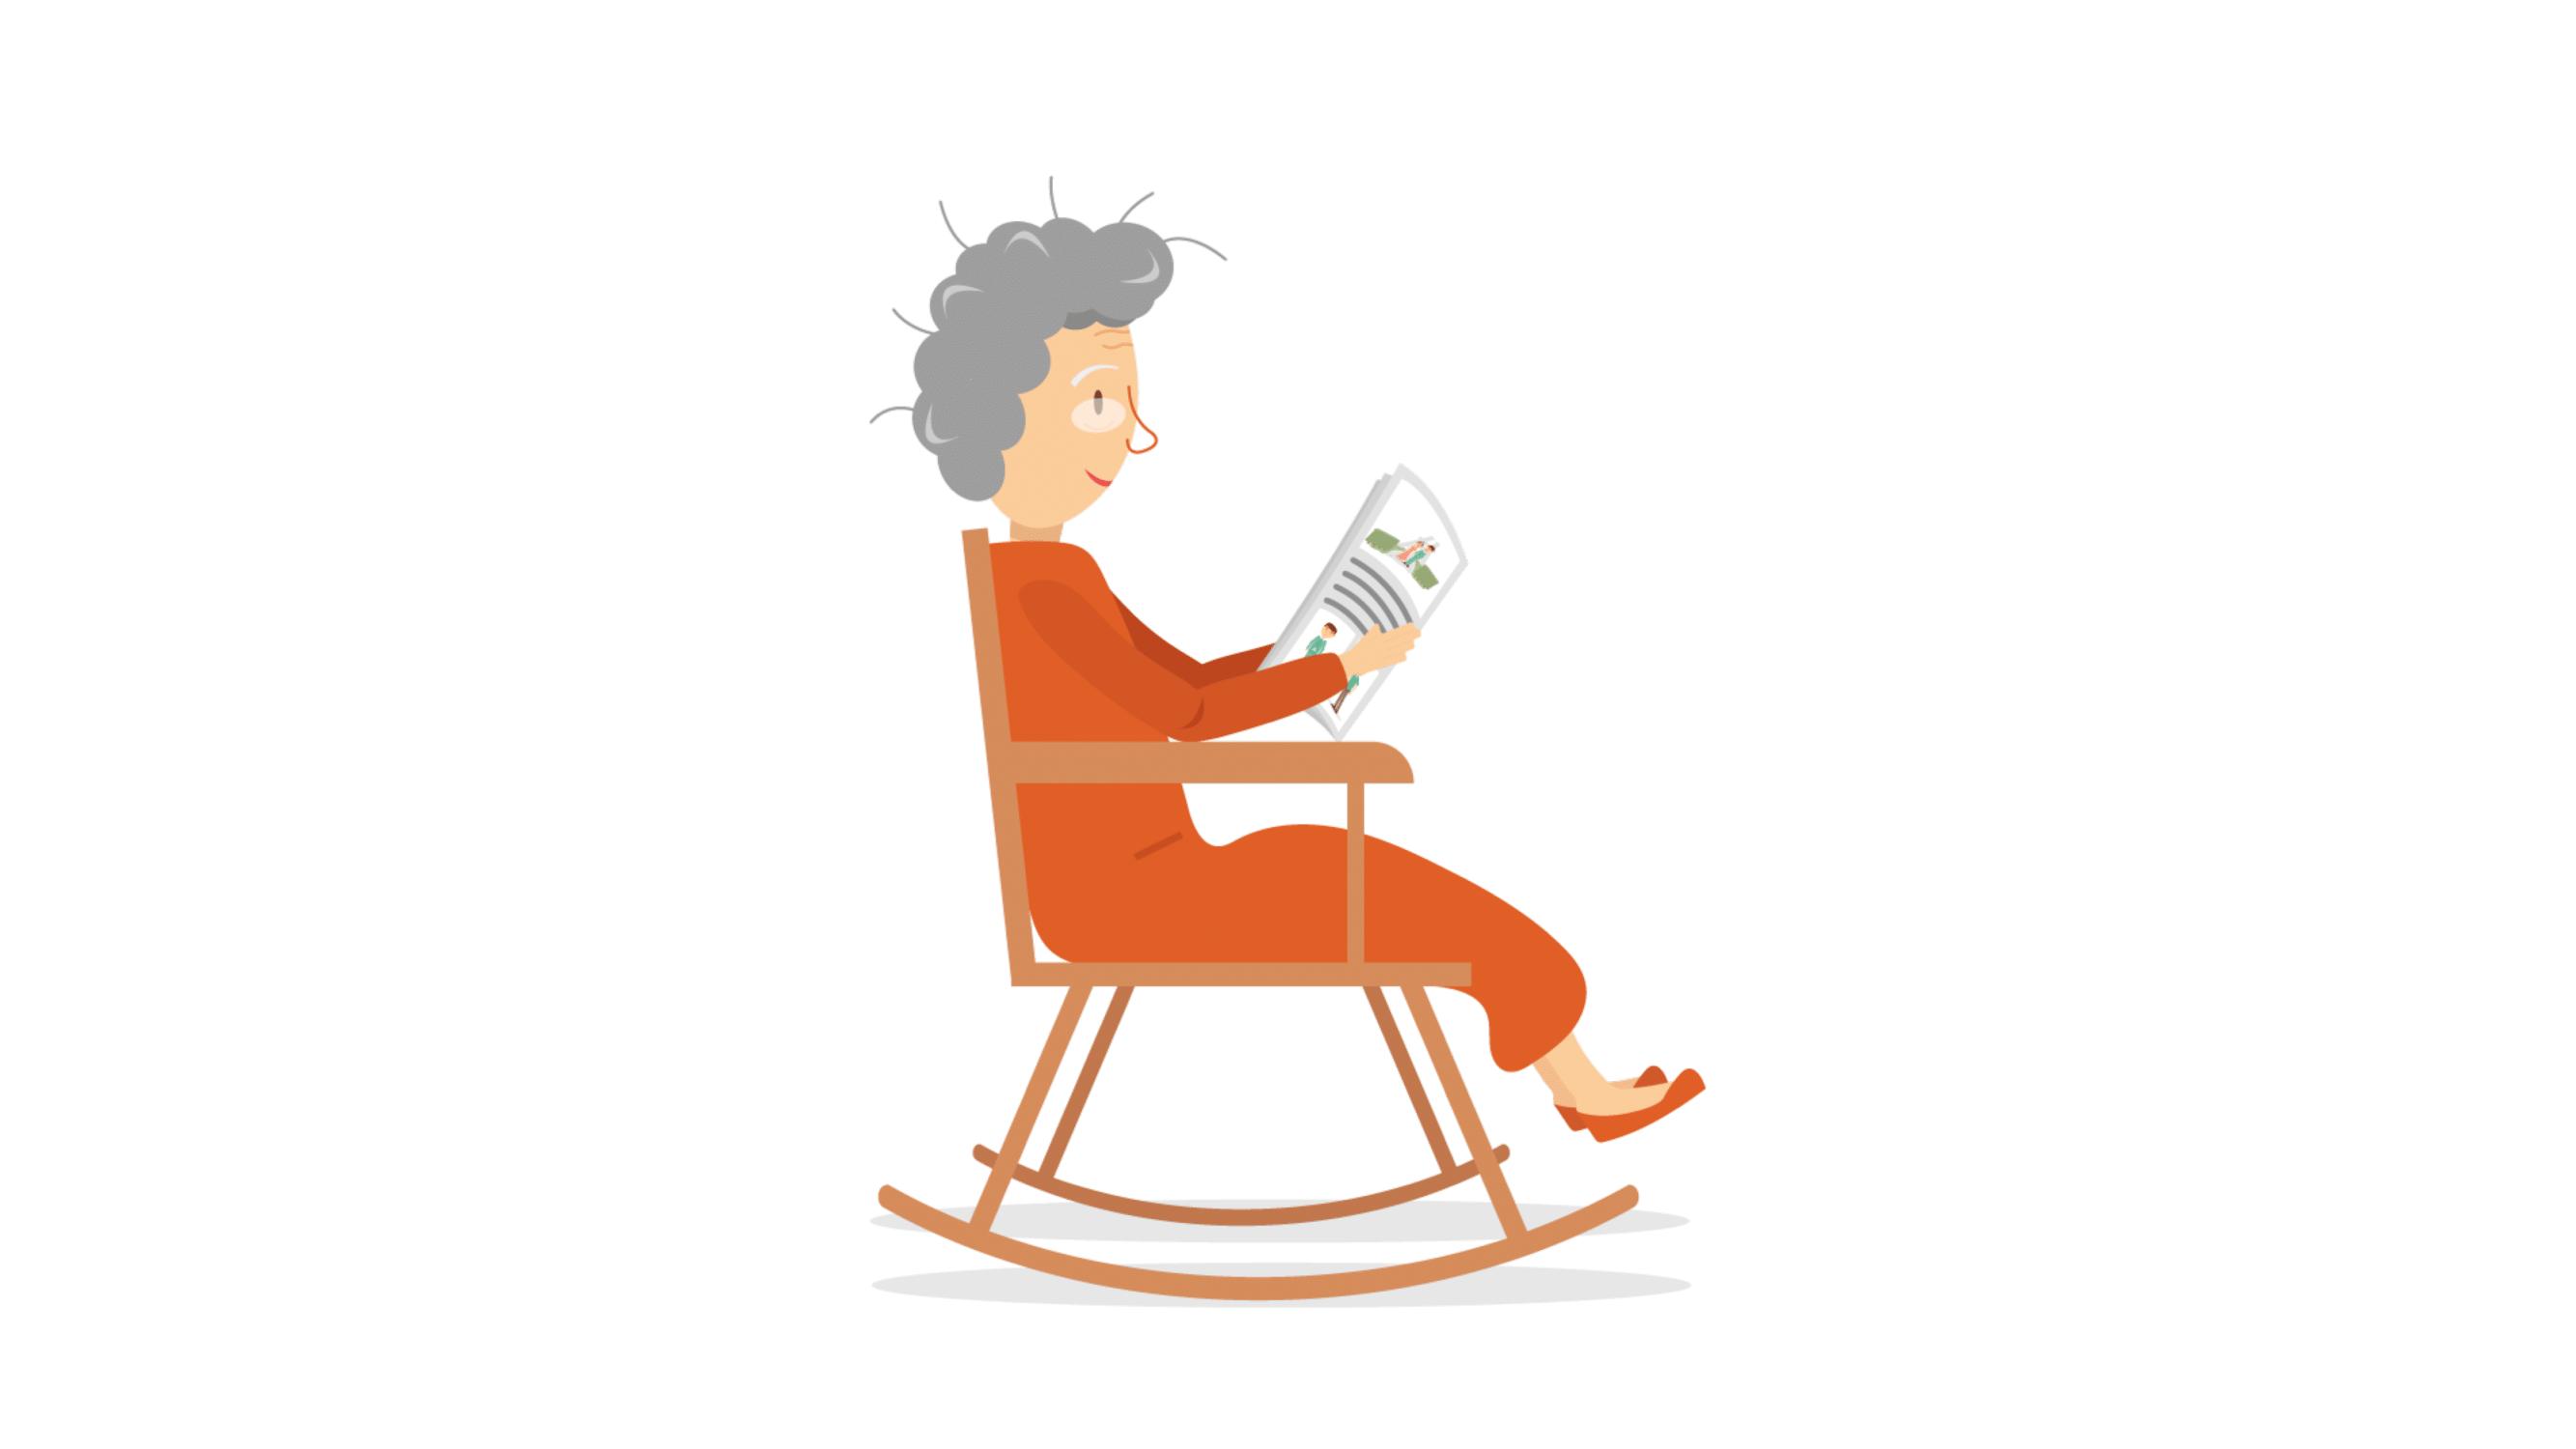 stuur een brief naar oma en opa in het woonzorgcentrum - Happiedays